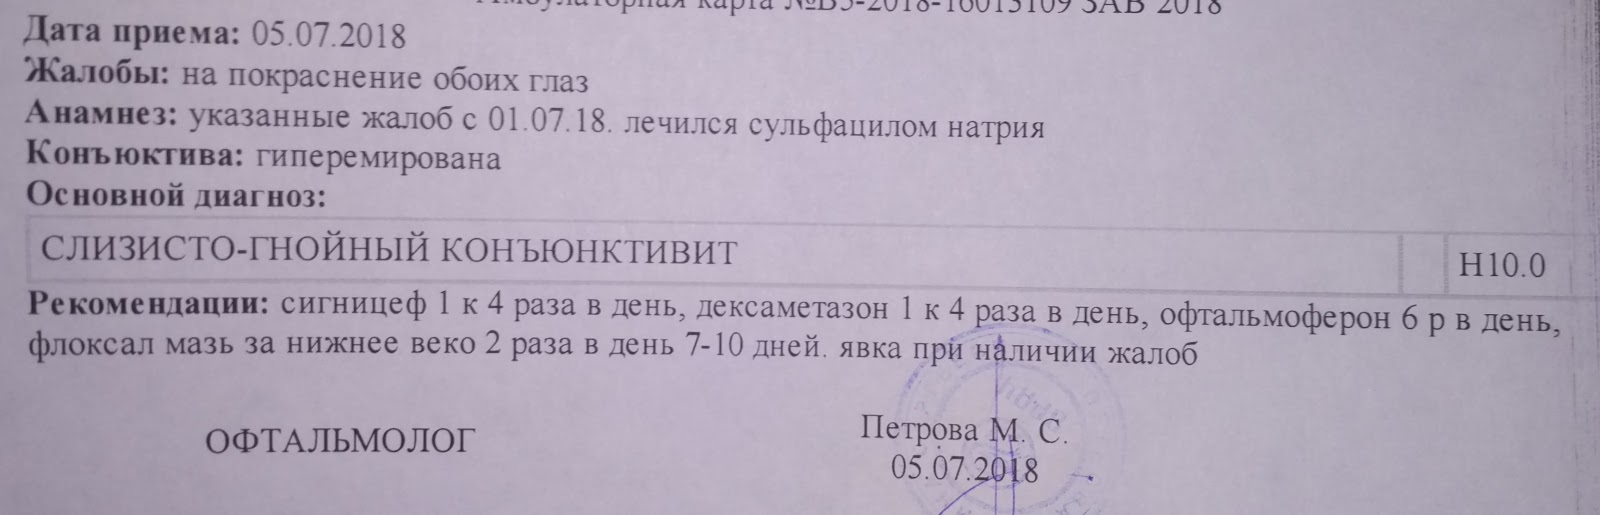 Капитальный ремонт в сталинке и организация видеонаблюдения - 25